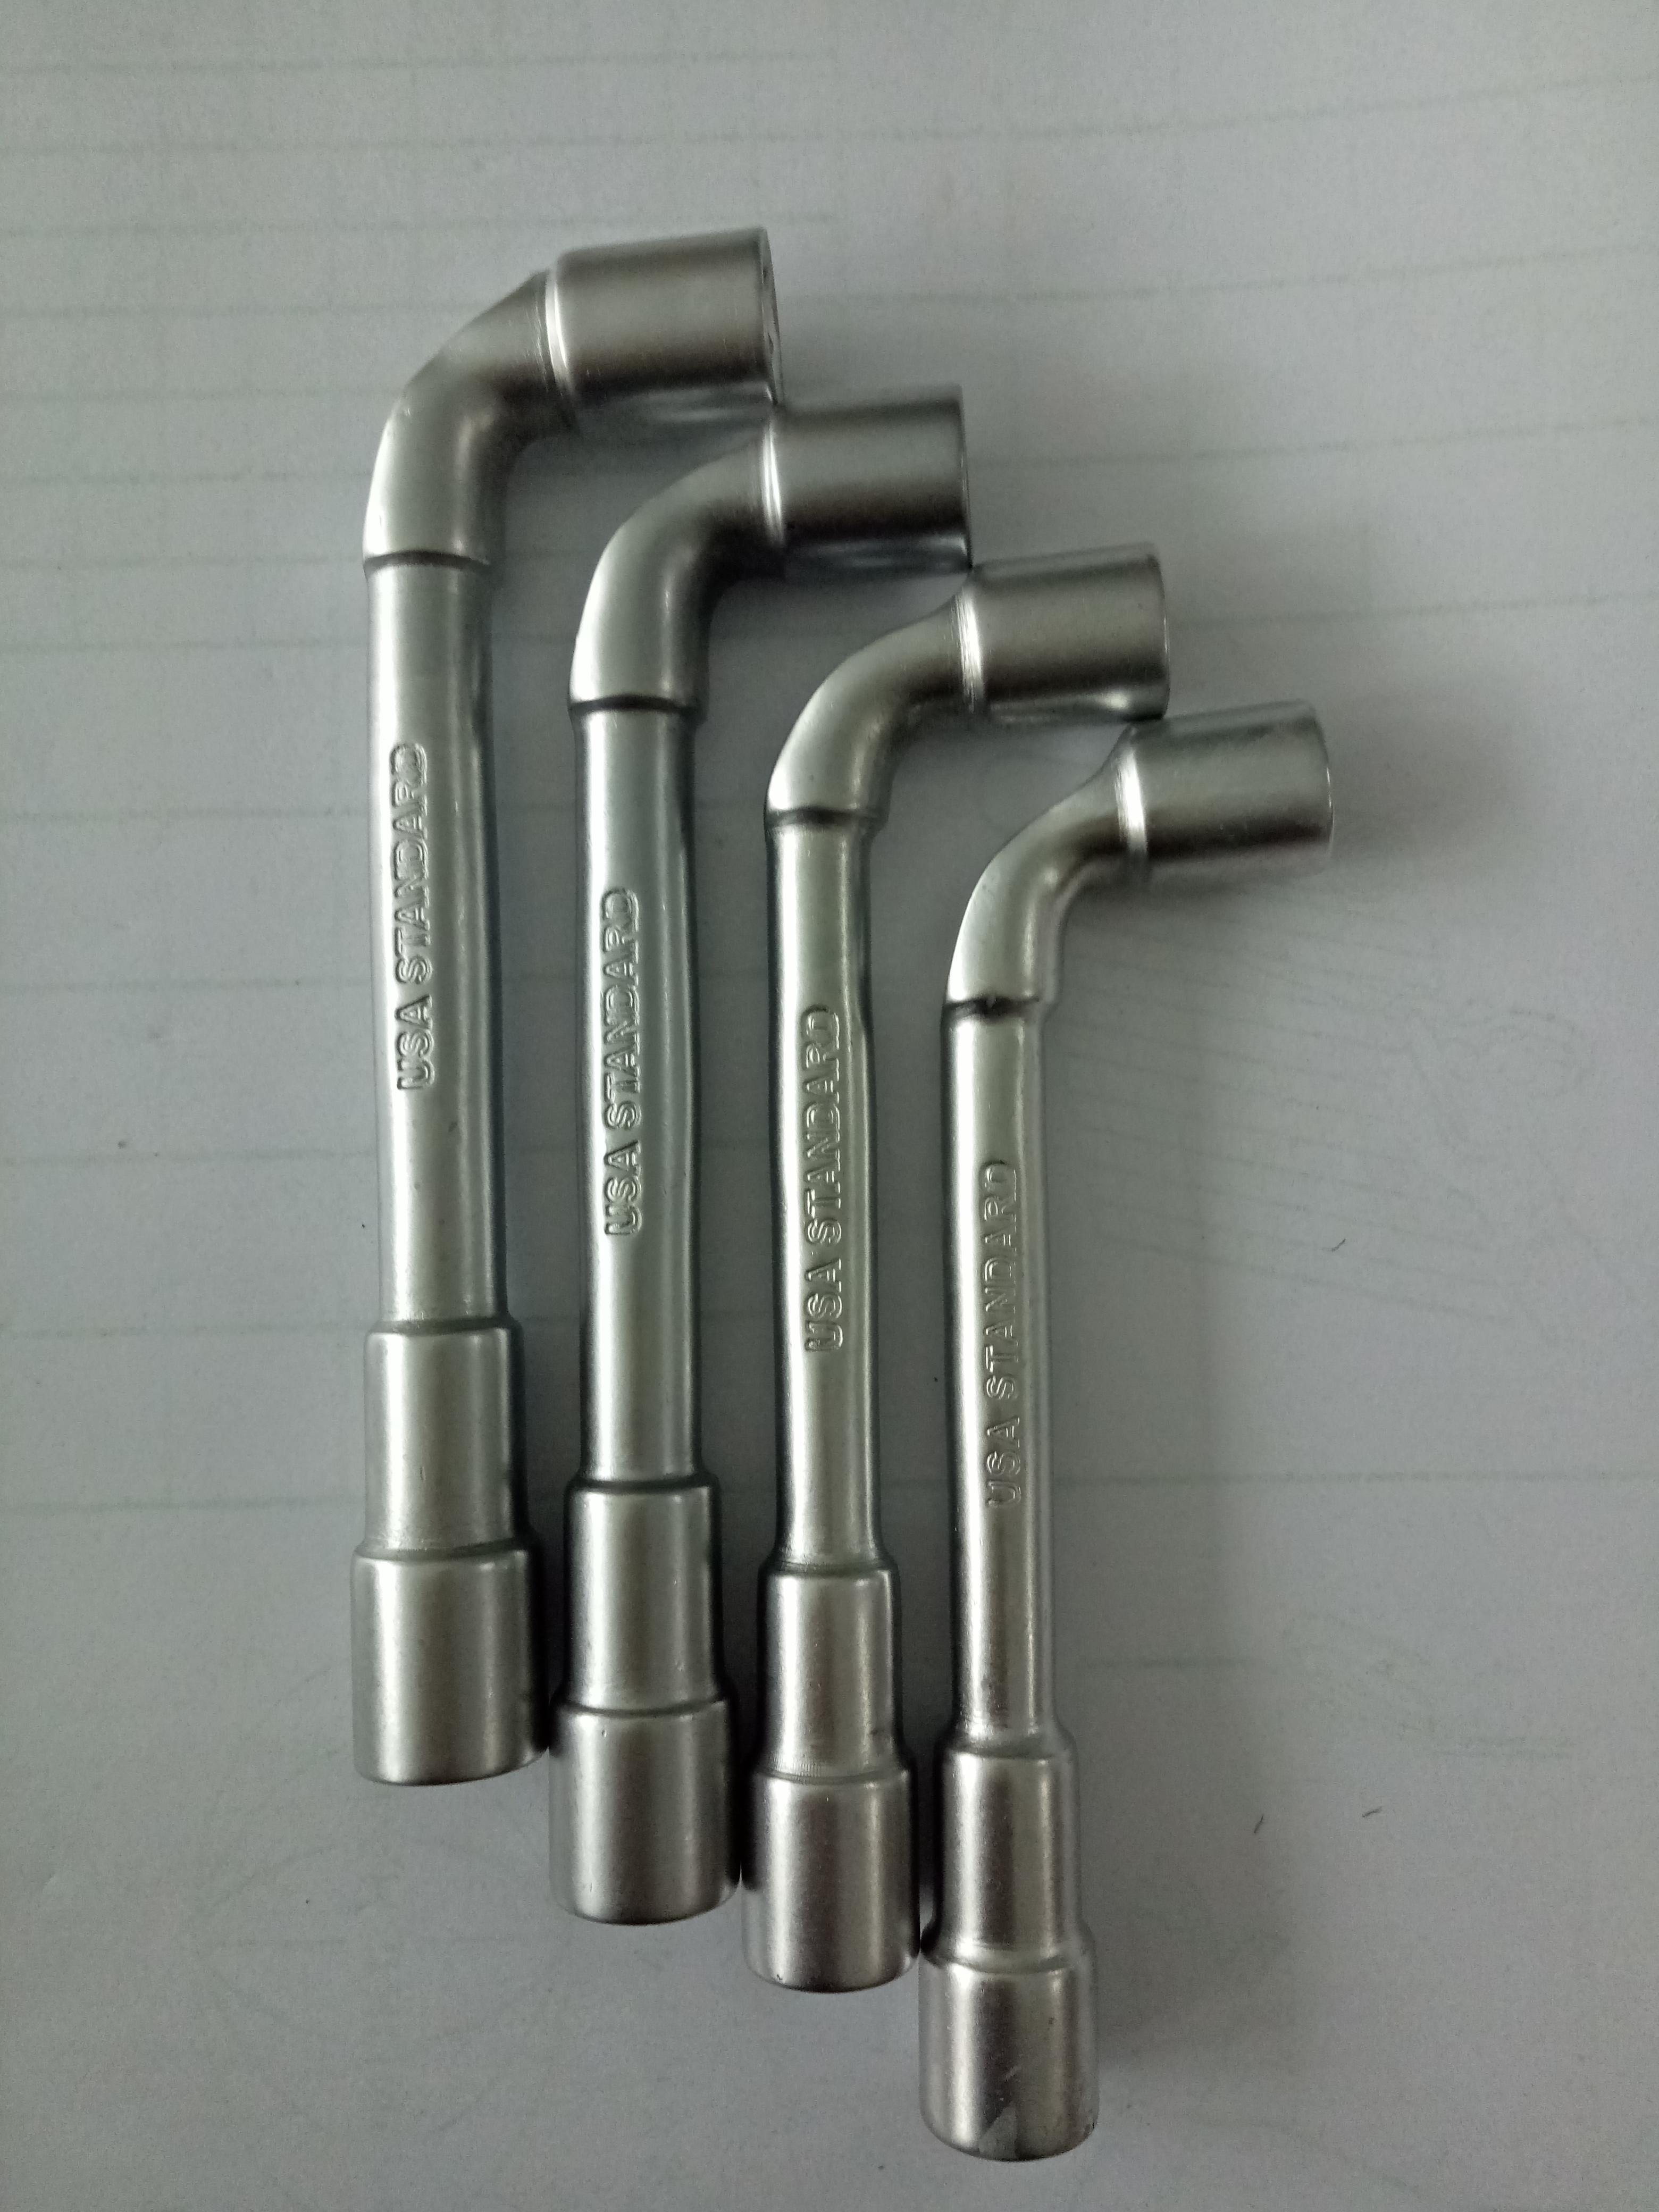 12mm Đầu lỗ xi mờ TGCN-13869 Top